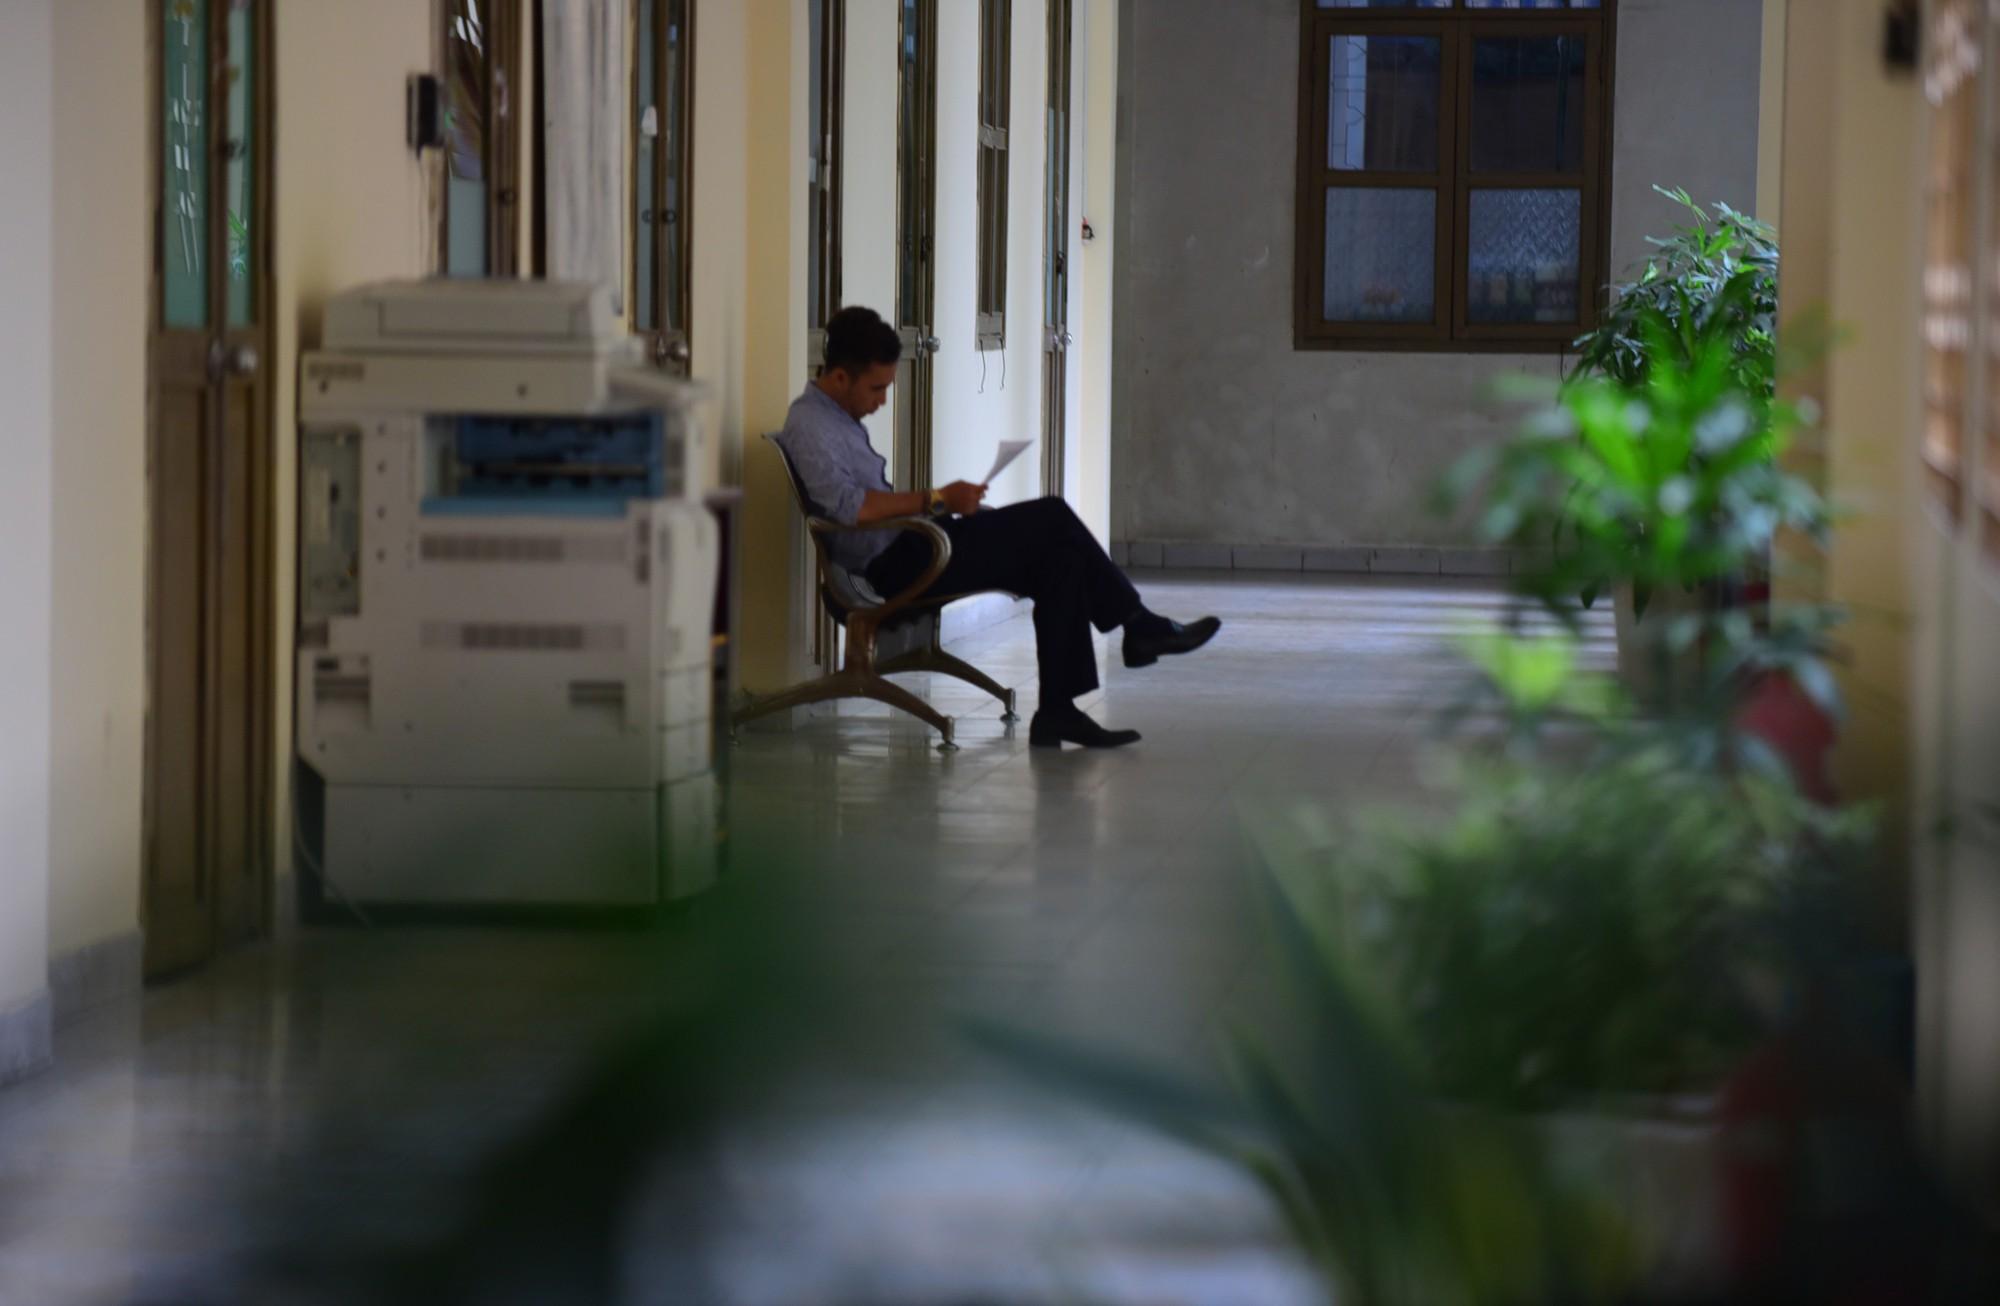 Cận cảnh dinh Thượng Thơ 120 năm tuổi ở Sài Gòn có nguy cơ bị đập bỏ 11